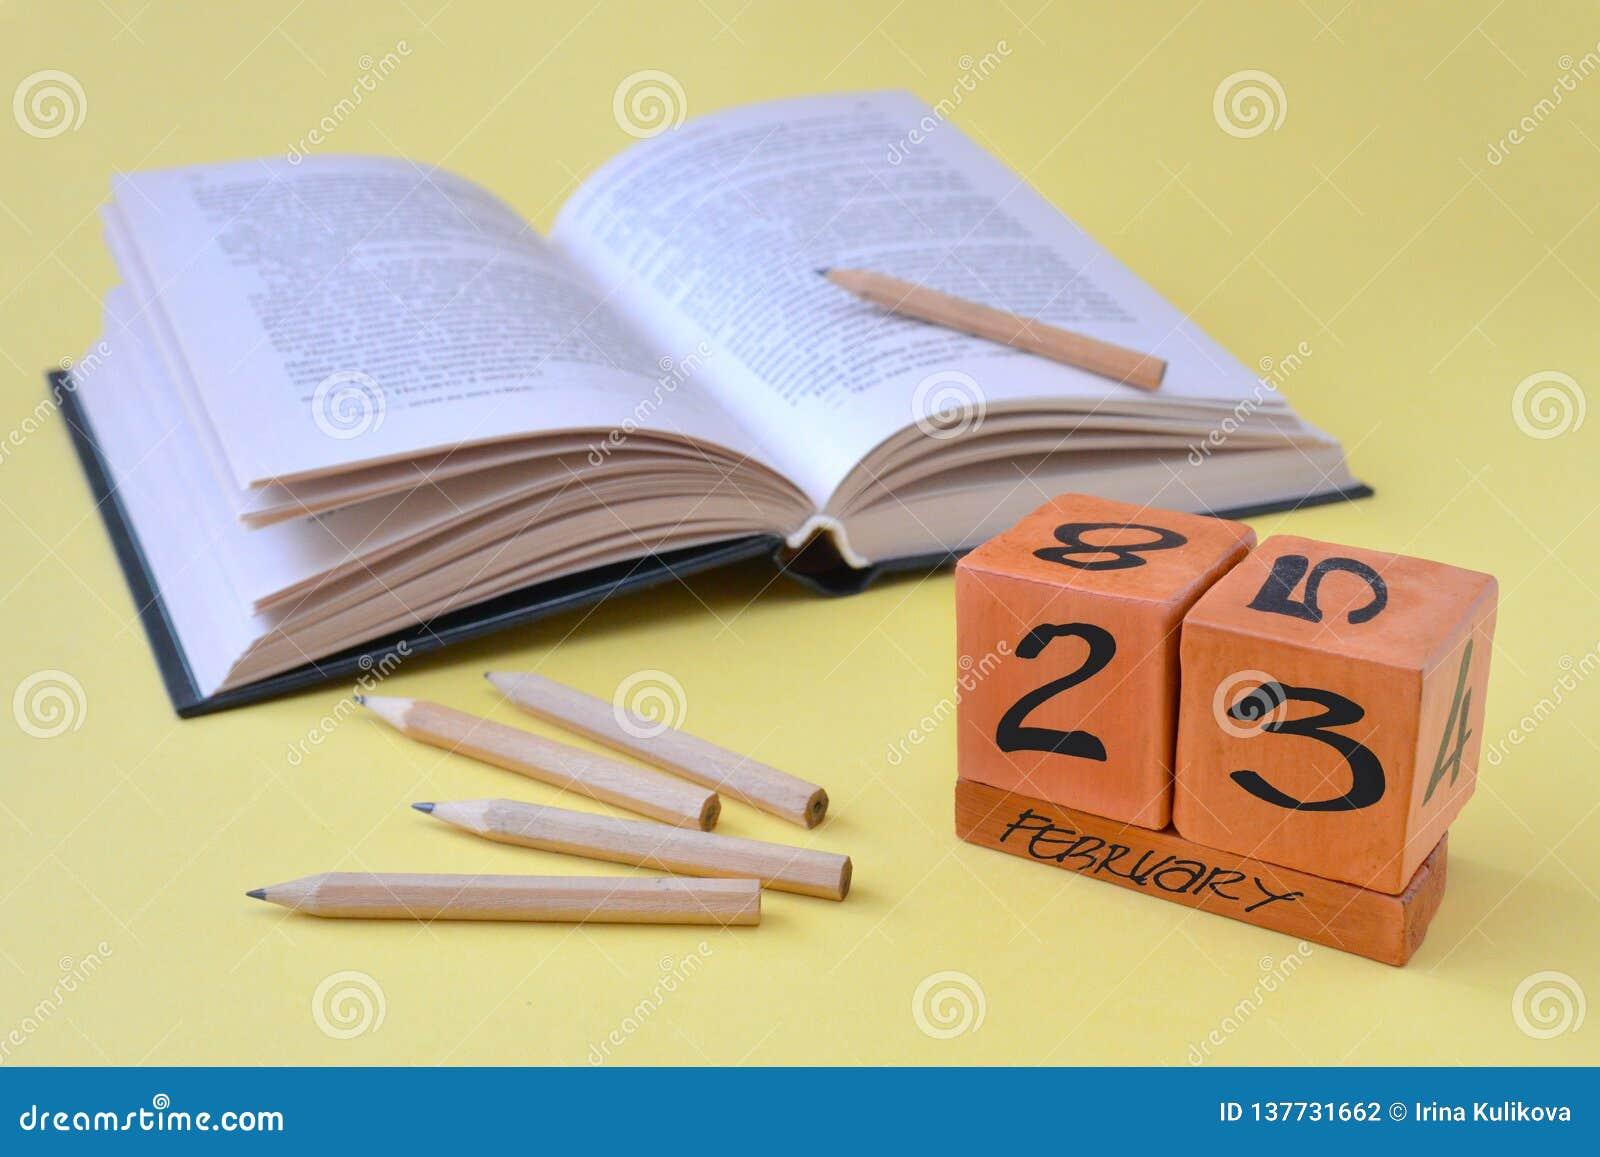 Διαρκές ξύλινο ημερολόγιο με την ημερομηνία της 23ης Φεβρουαρίου, ενός ανοιγμένου βιβλίου και των μολυβιών σε ένα κίτρινο υπόβαθρ